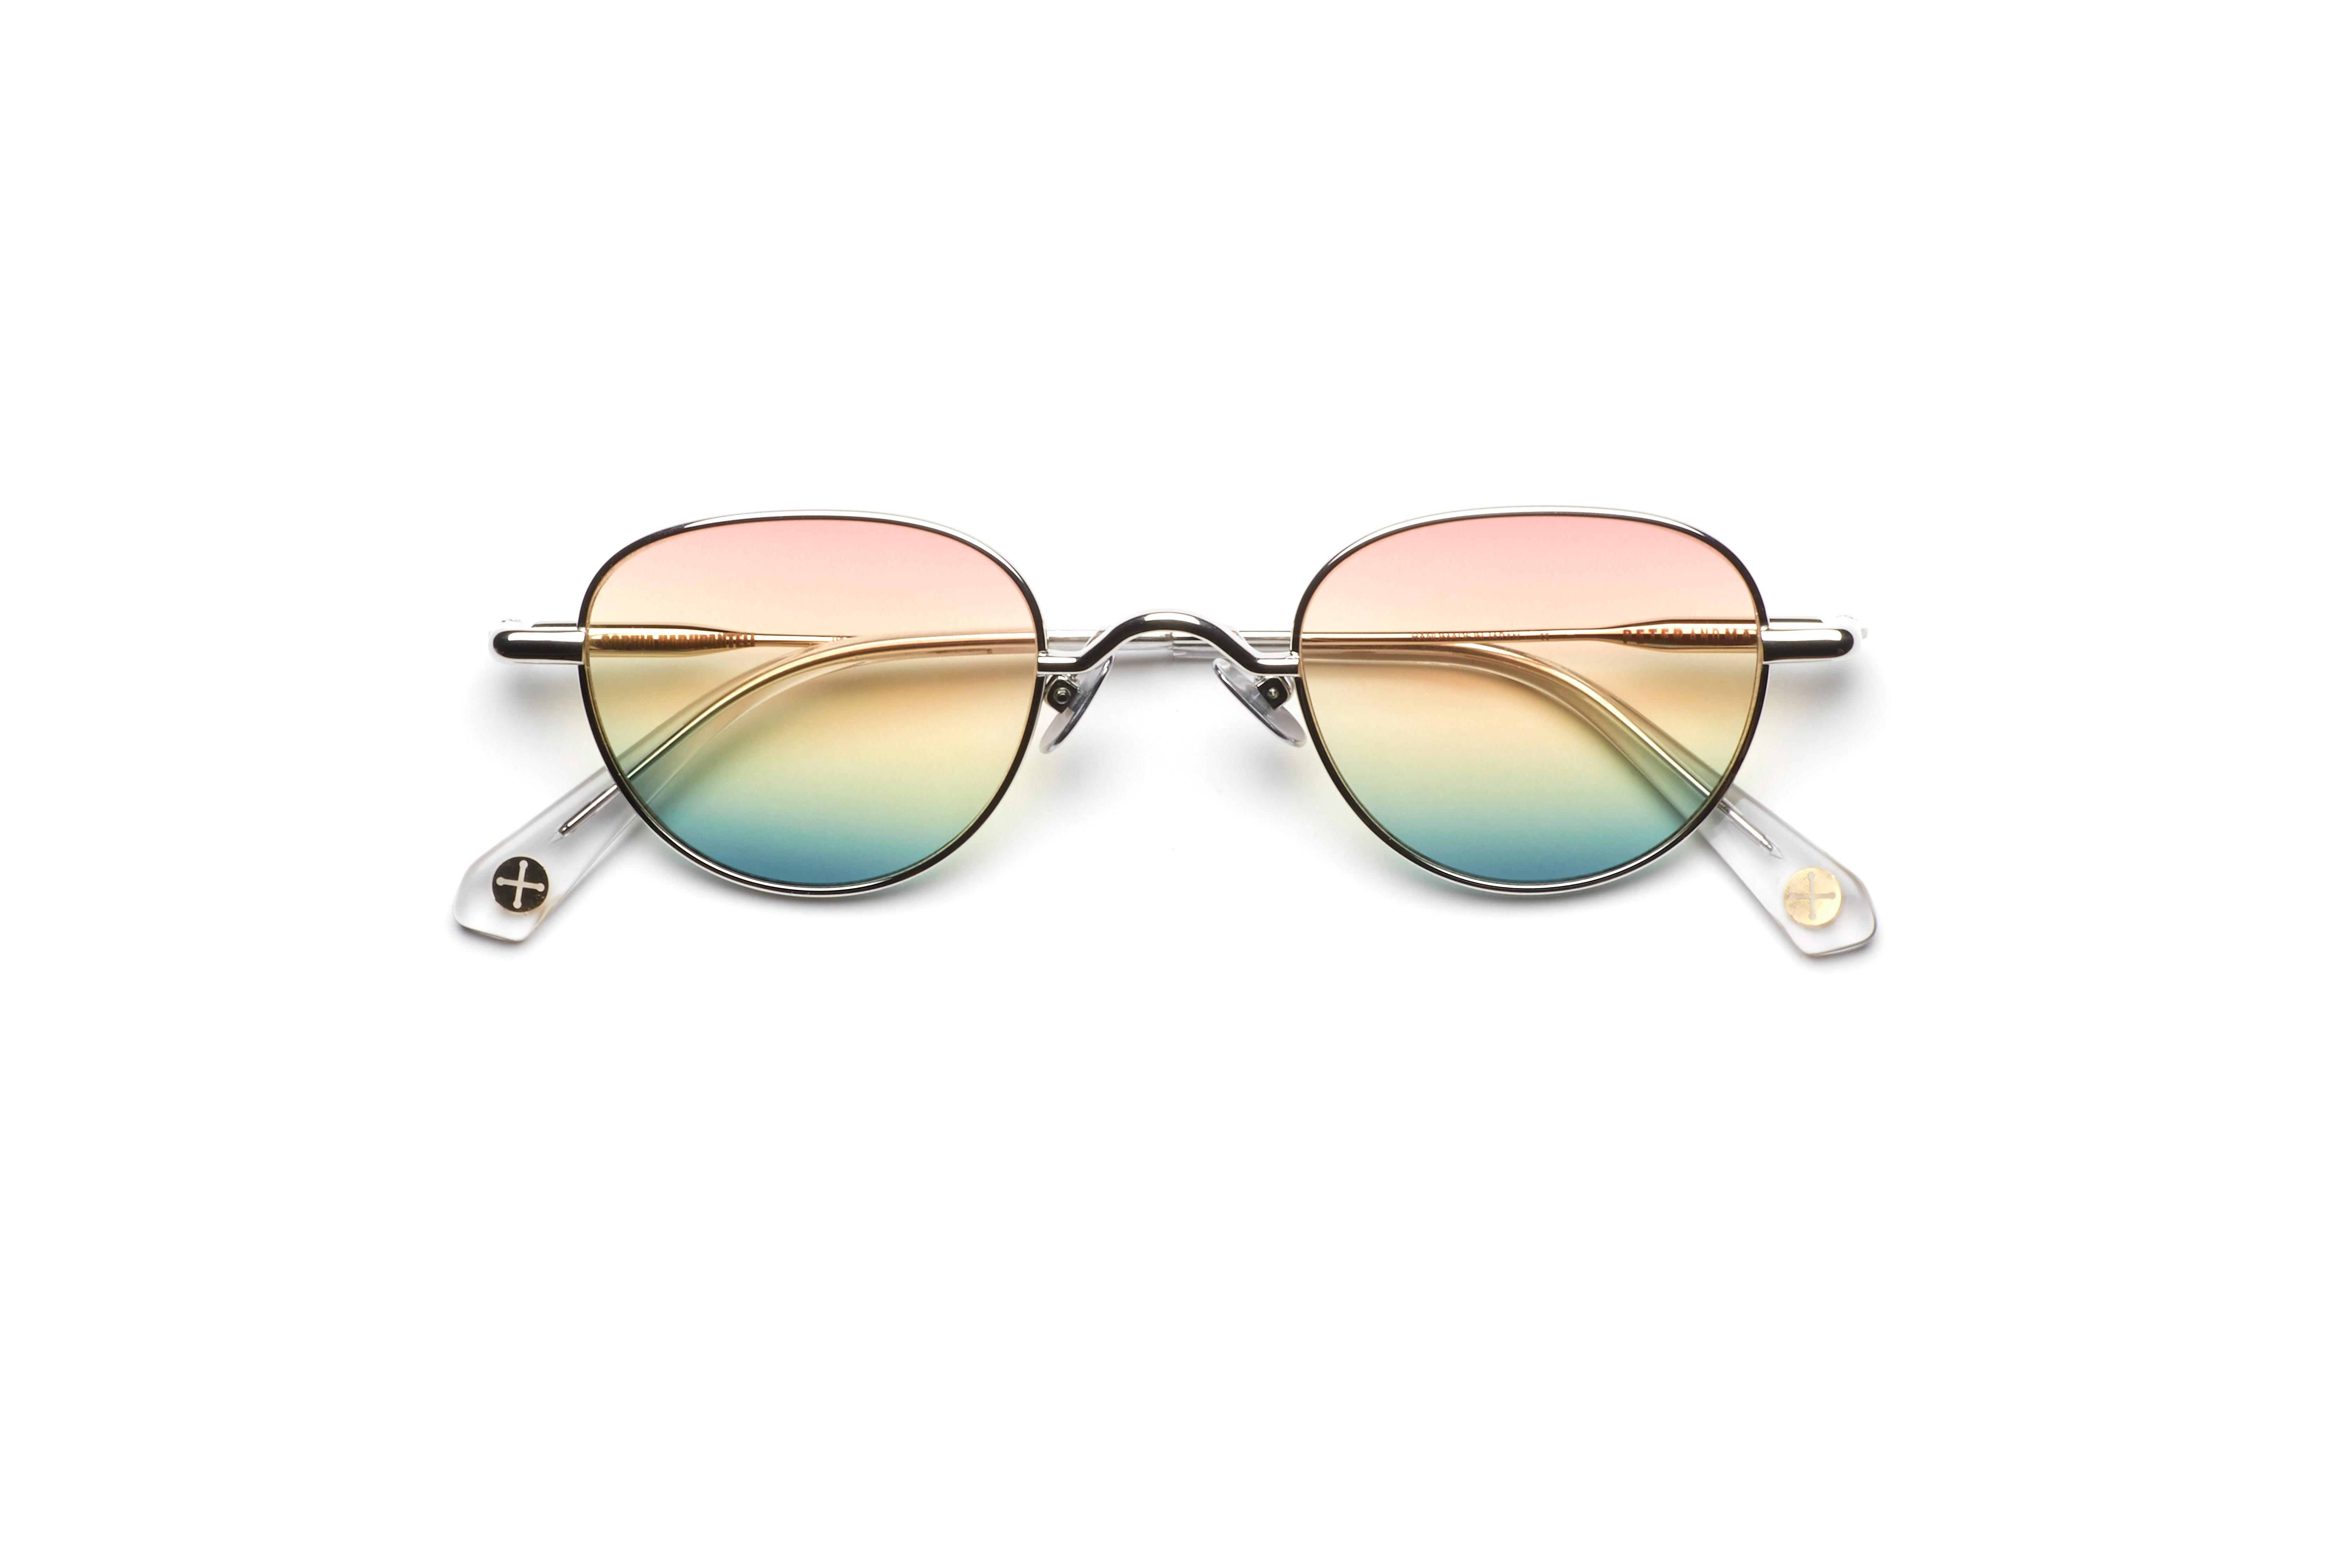 Sonnenbrille von The Rainbow Guro